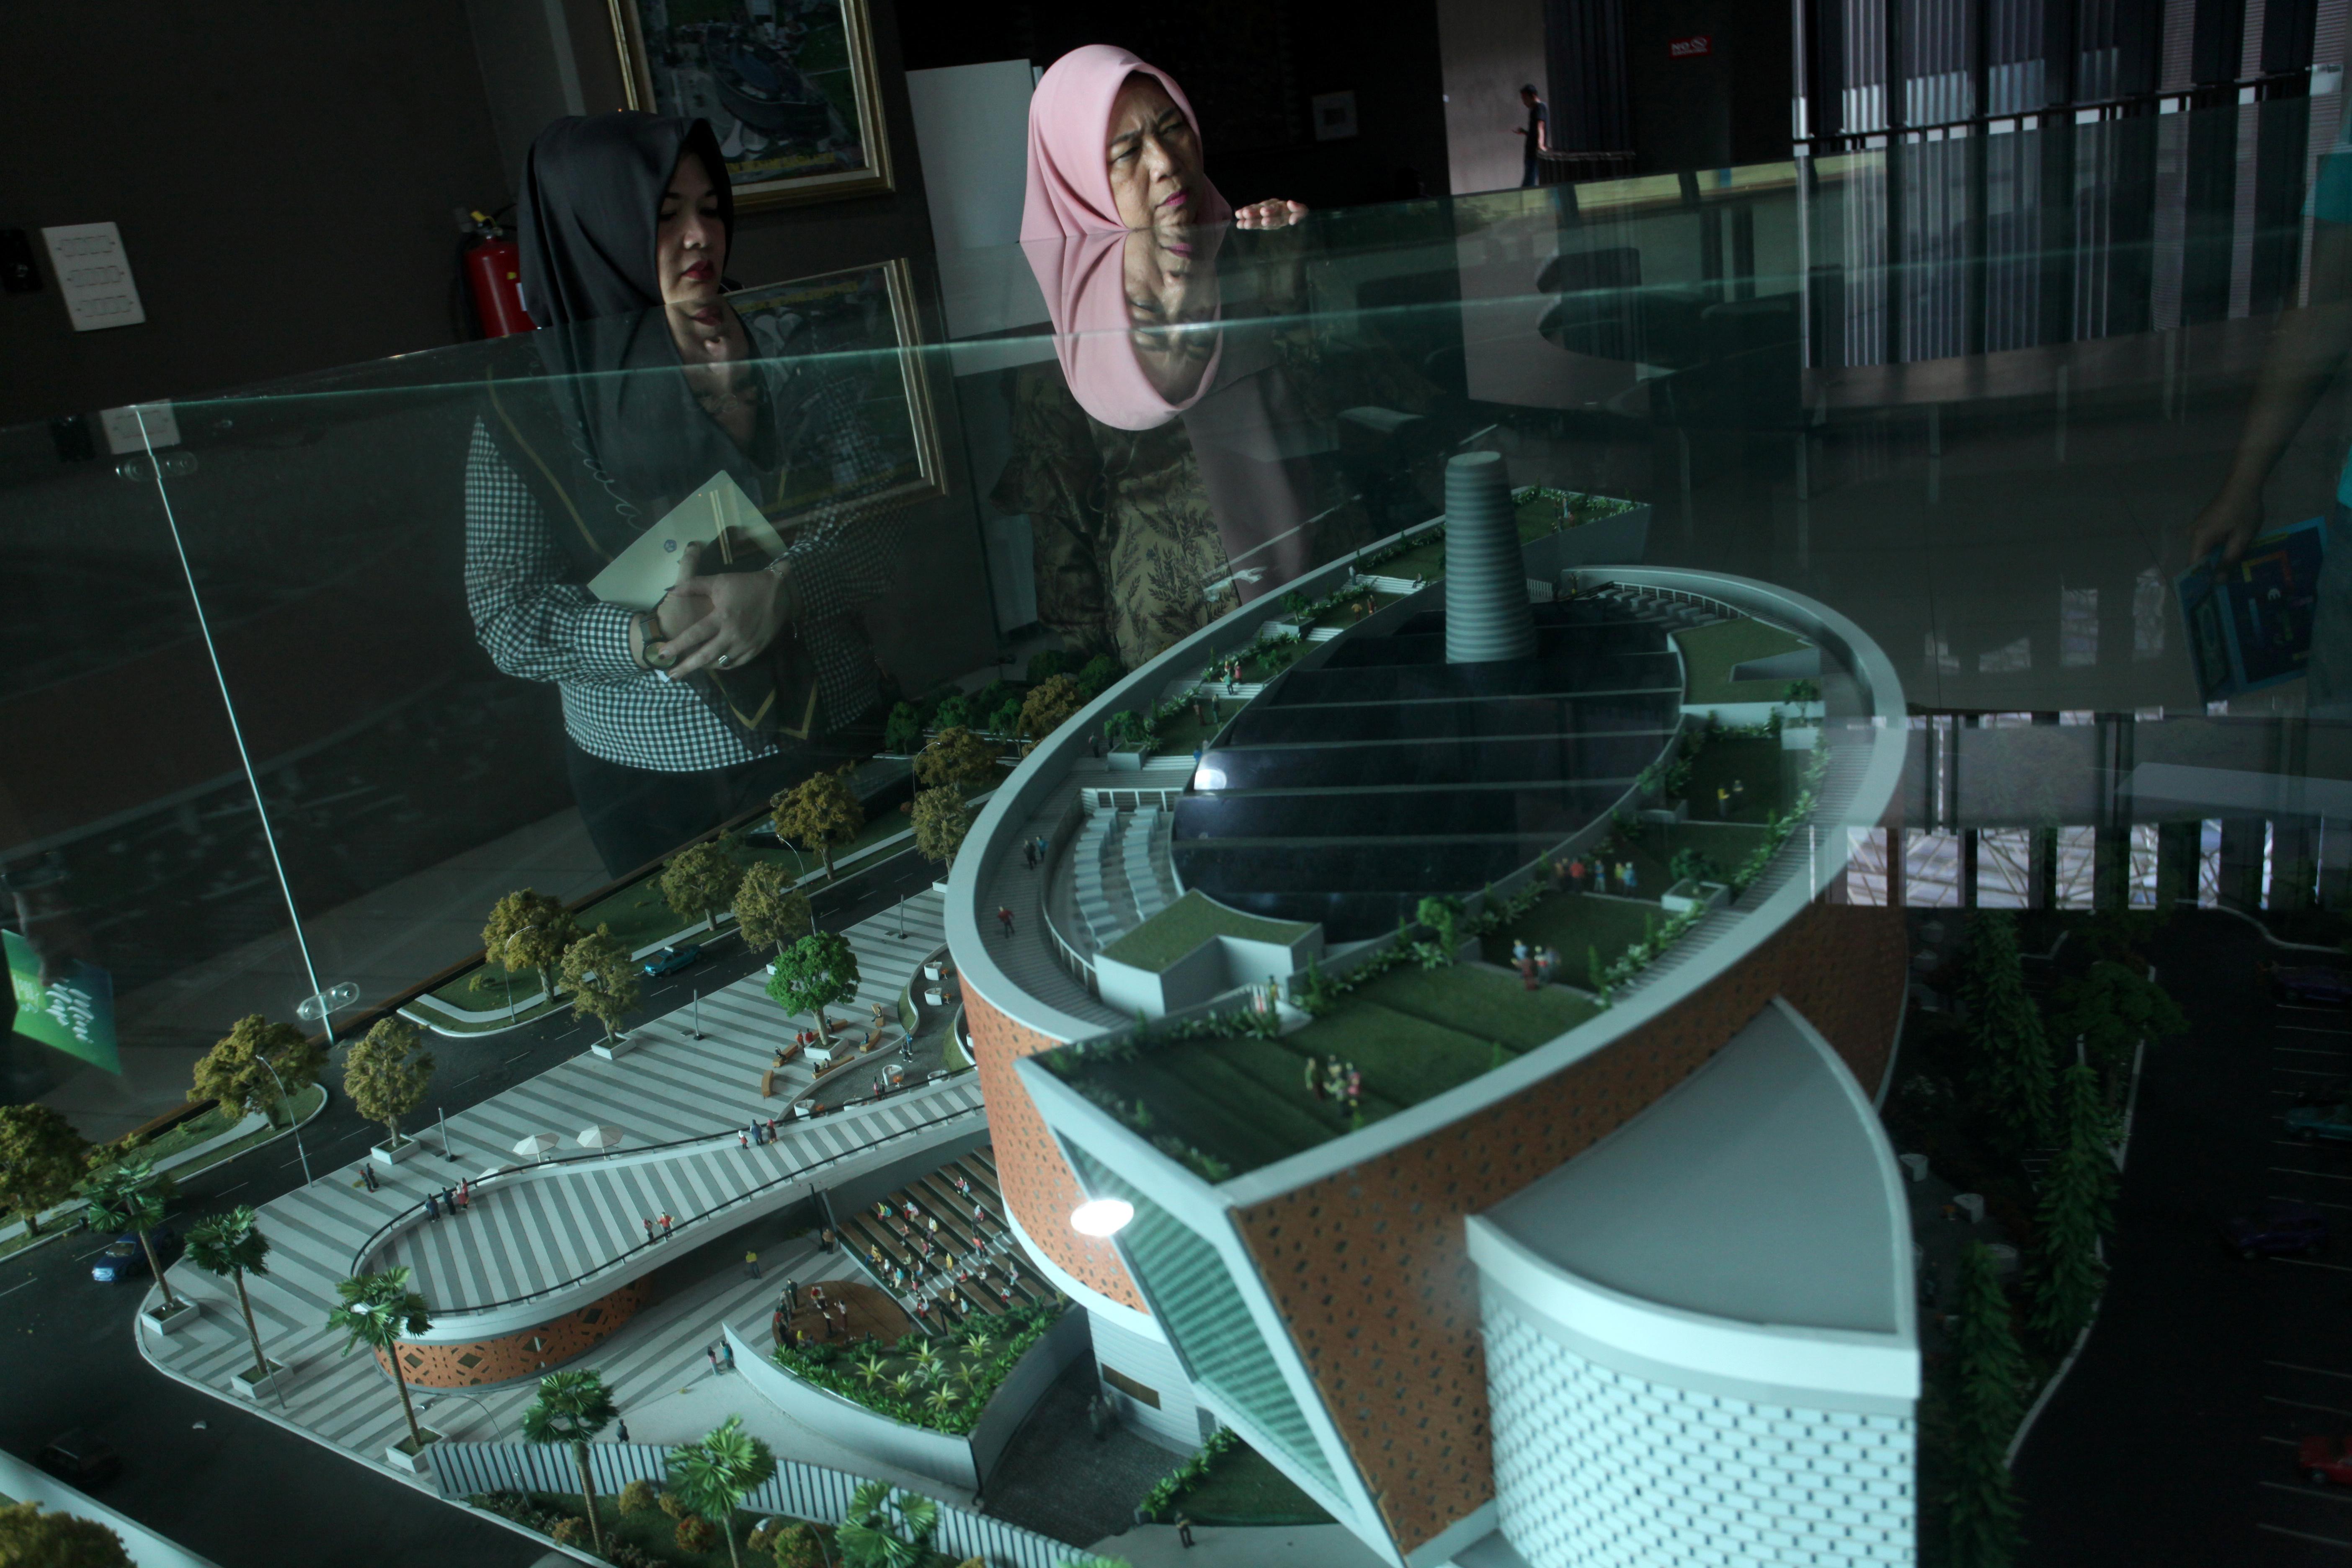 游客观看亚齐海啸博物馆的模型。该博物馆坐落在班达亚齐的一座山上,既是一个教育中心,也是一处避难之地。-路透社-